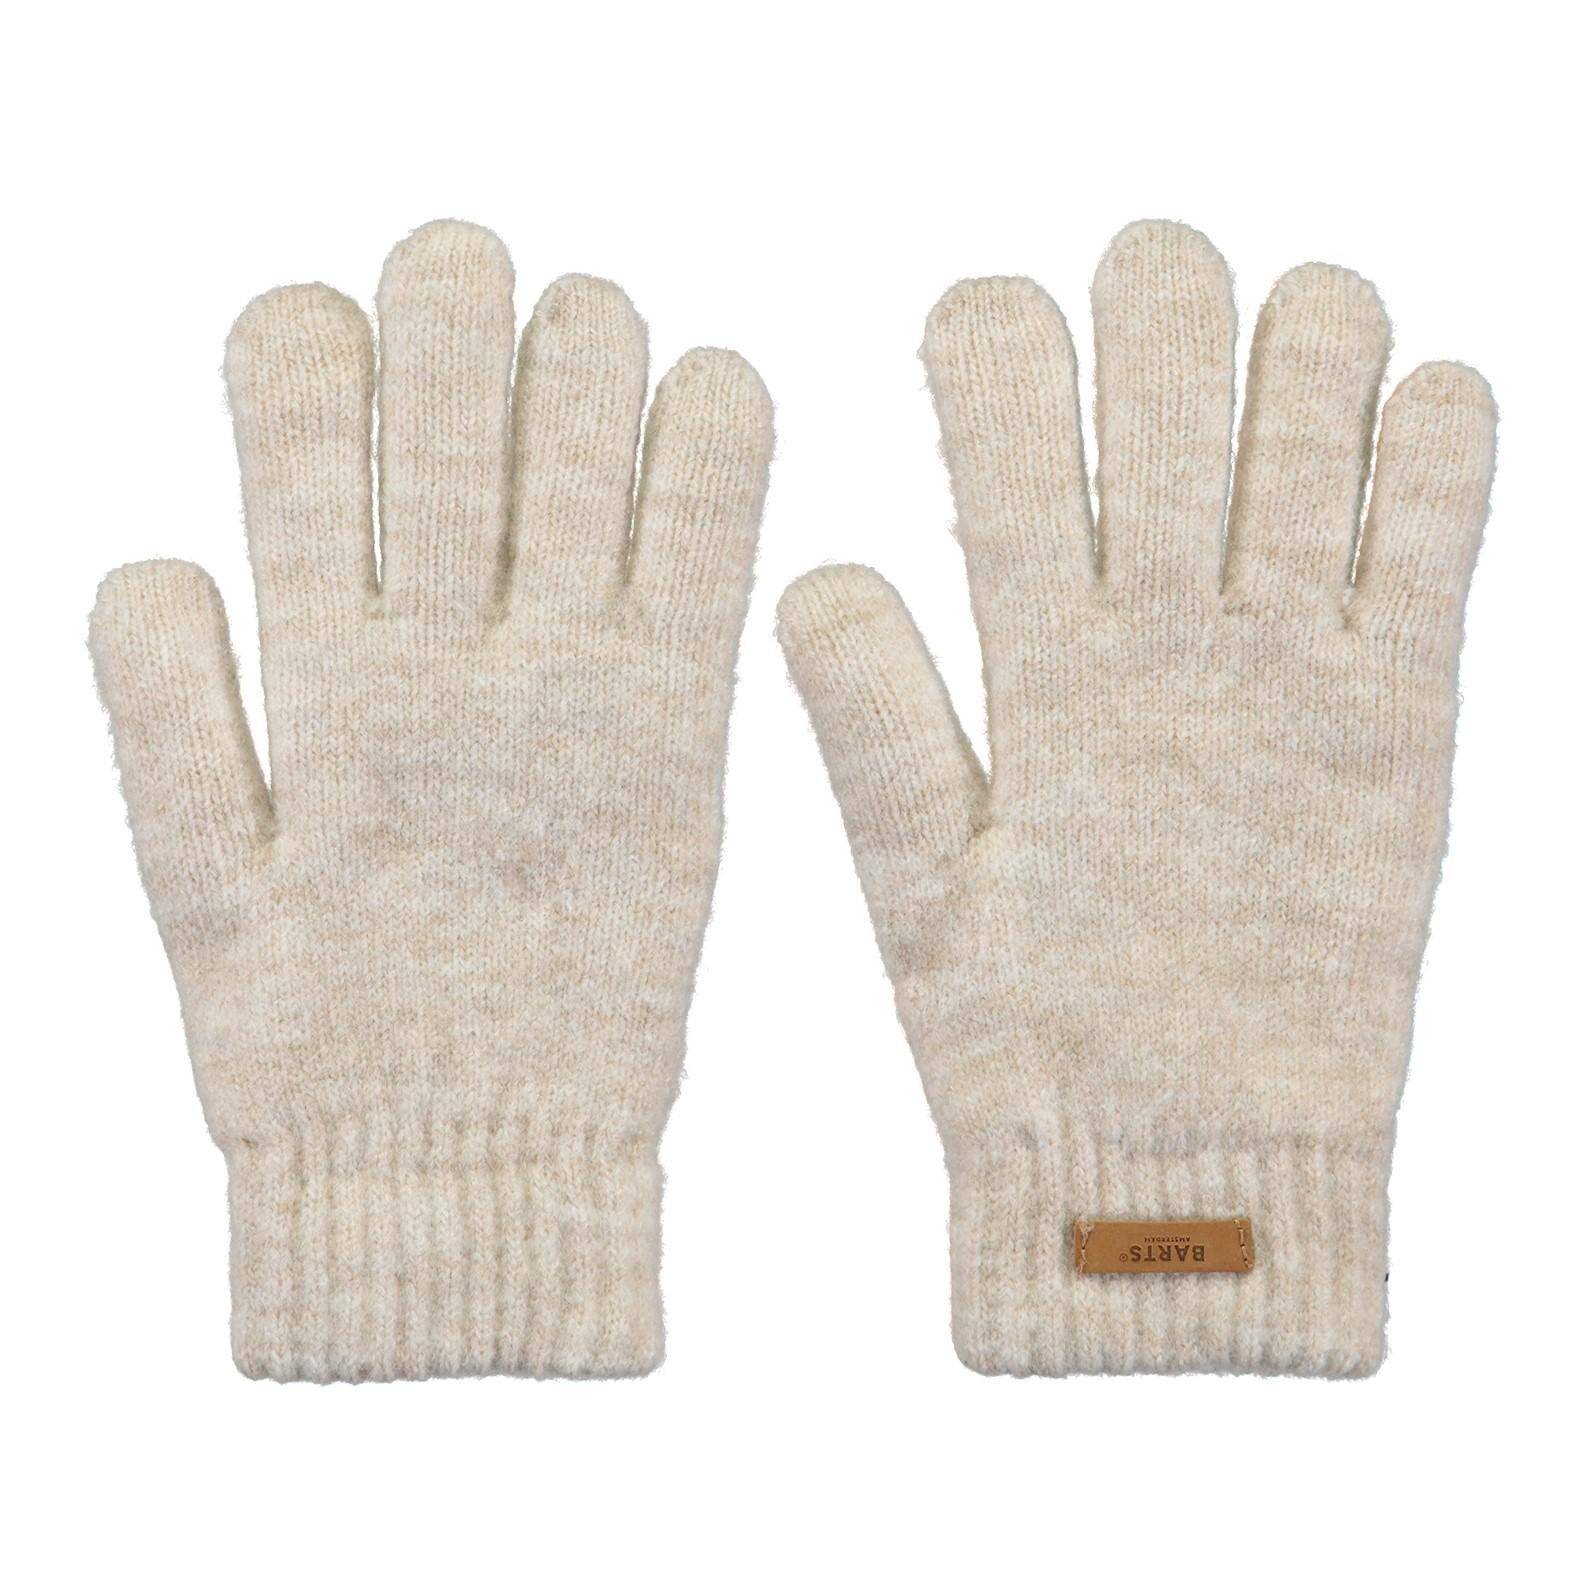 Barts Witzia Gloves 2022